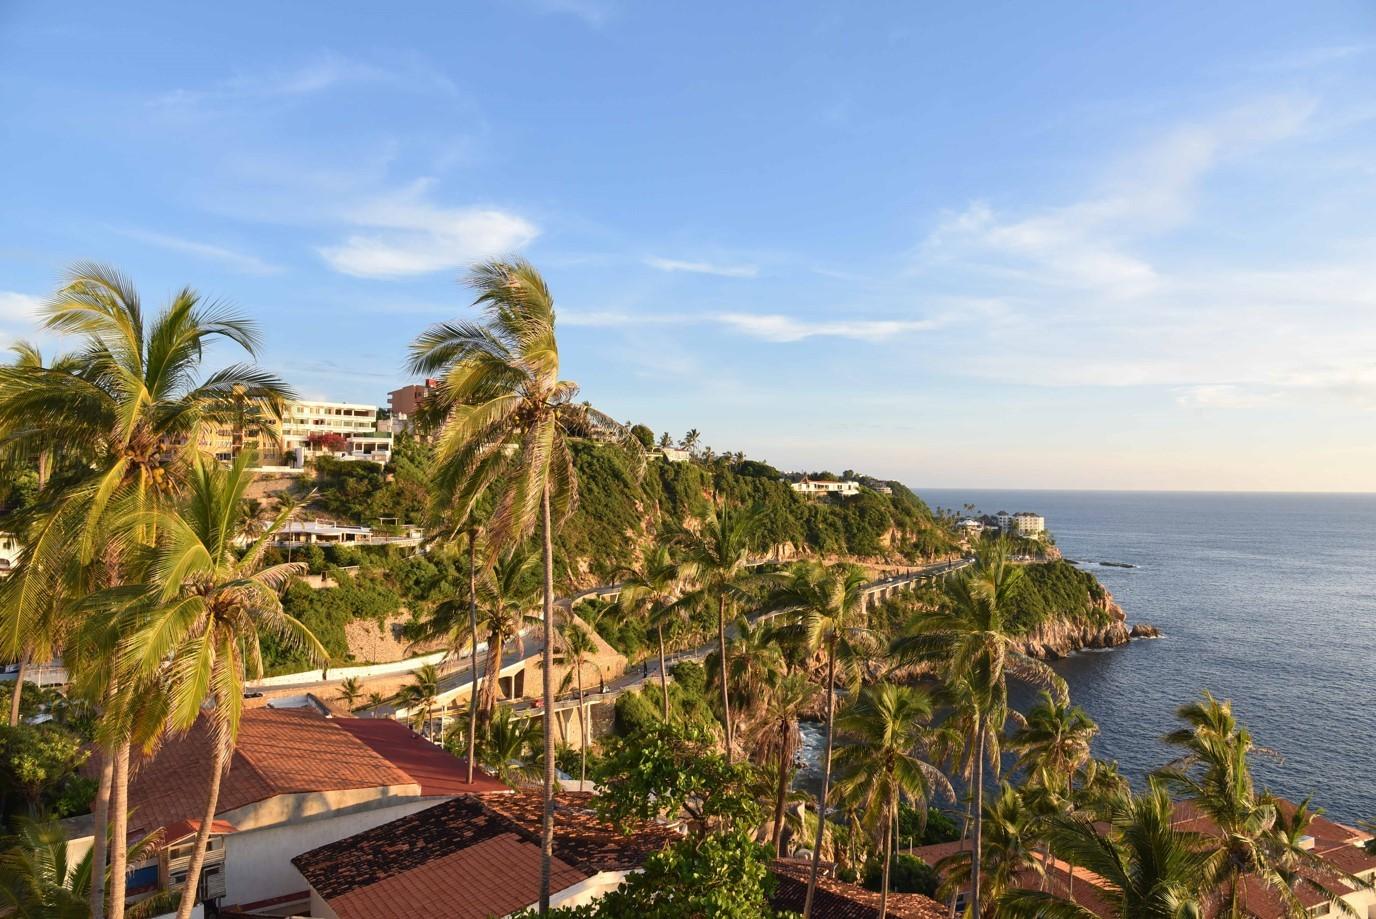 Panoramica del hotel Hotel Mirador Acapulco